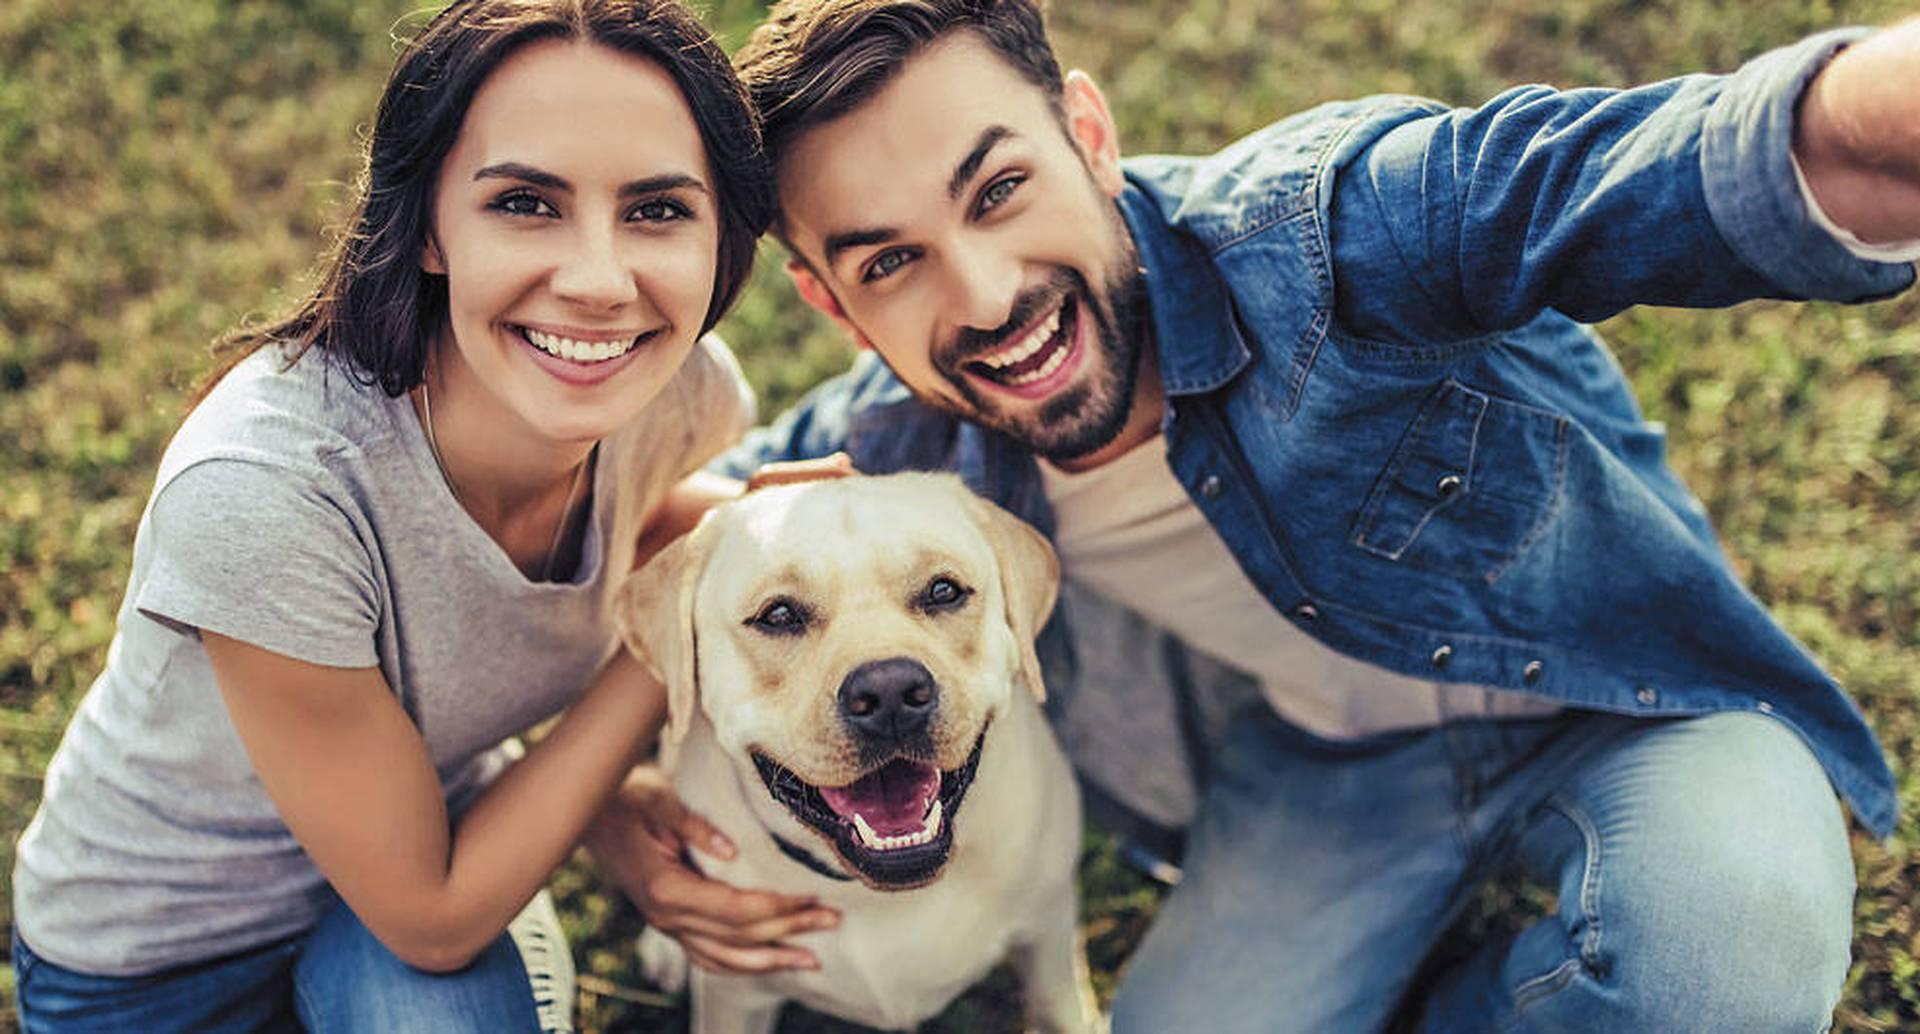 El término de familia multiespecie tiene como base la tendencia actual de construir lazos afectivos con un ser vivo sin importar si es humano.